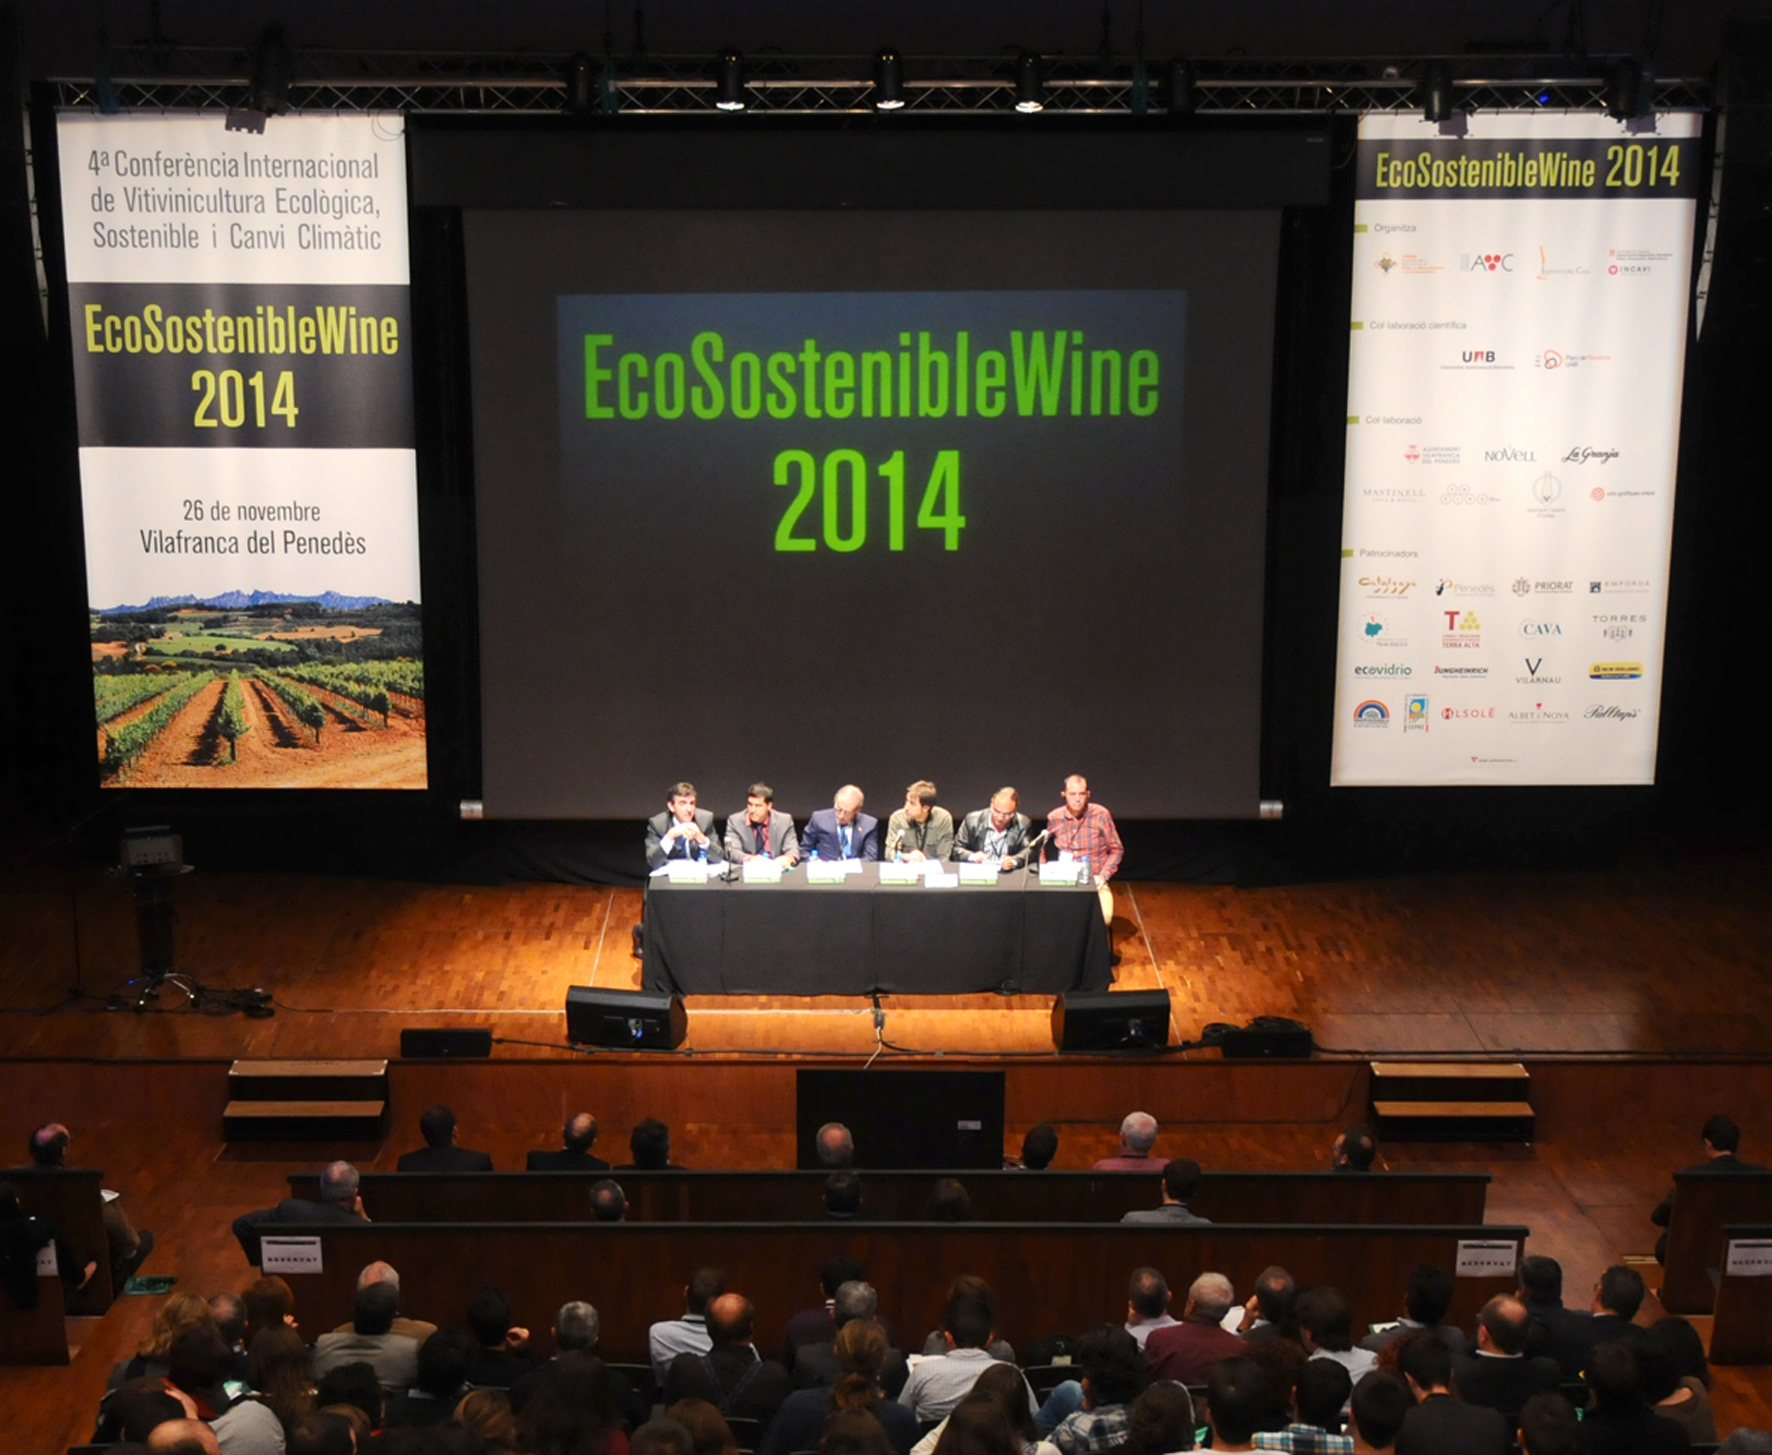 Ante el reto de liderar una nueva legislación para vinos ecológicos - La Semana Vitivinícola